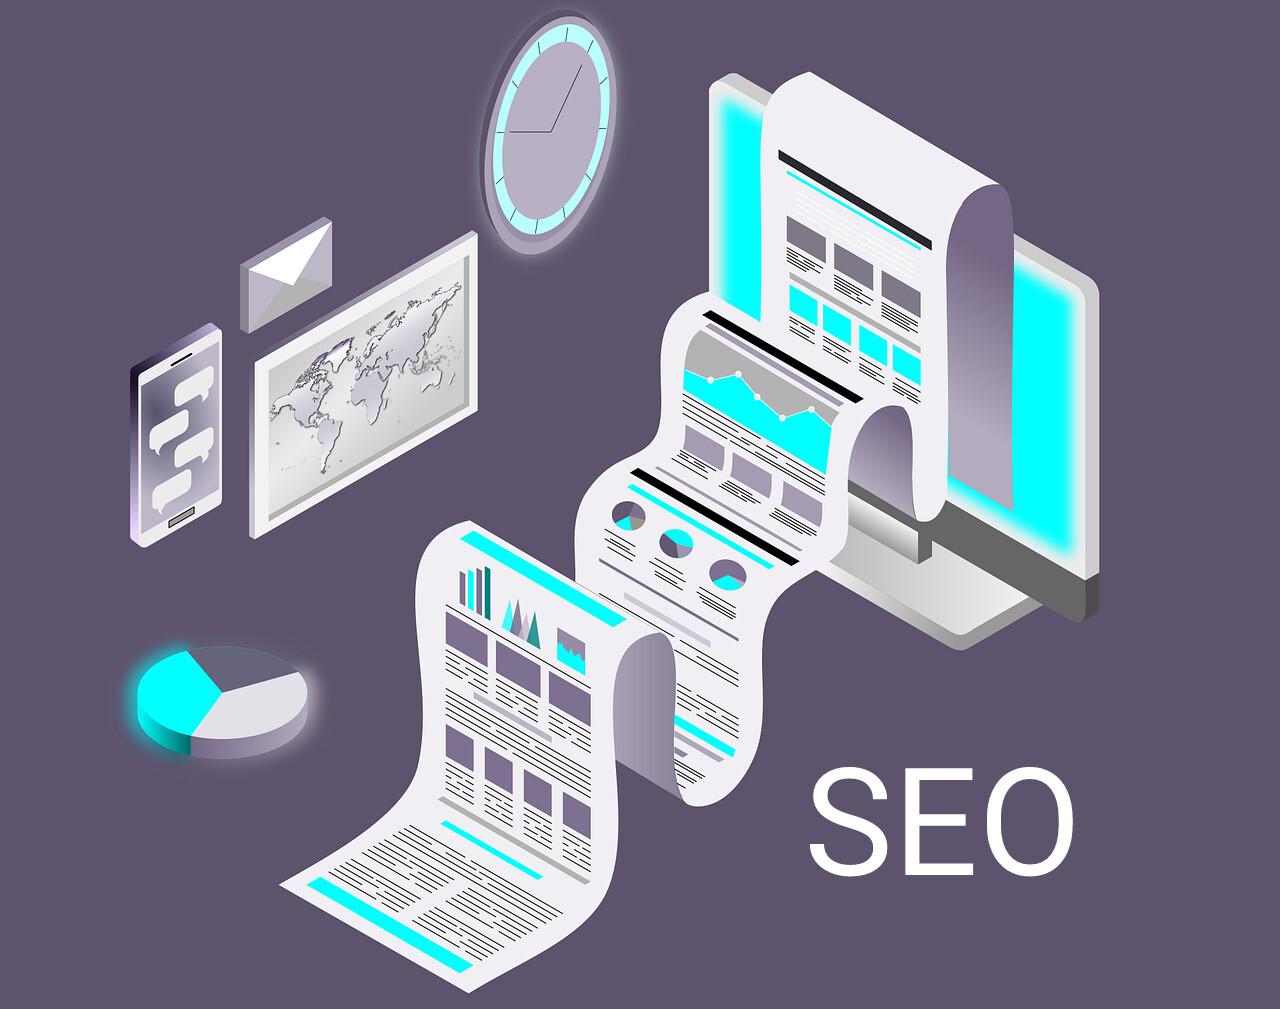 Specjaliści SEO ciągle analizują rozmaite dane i zmienne, by pozycjonować sklep internetowy w najlepszy możliwy sposób